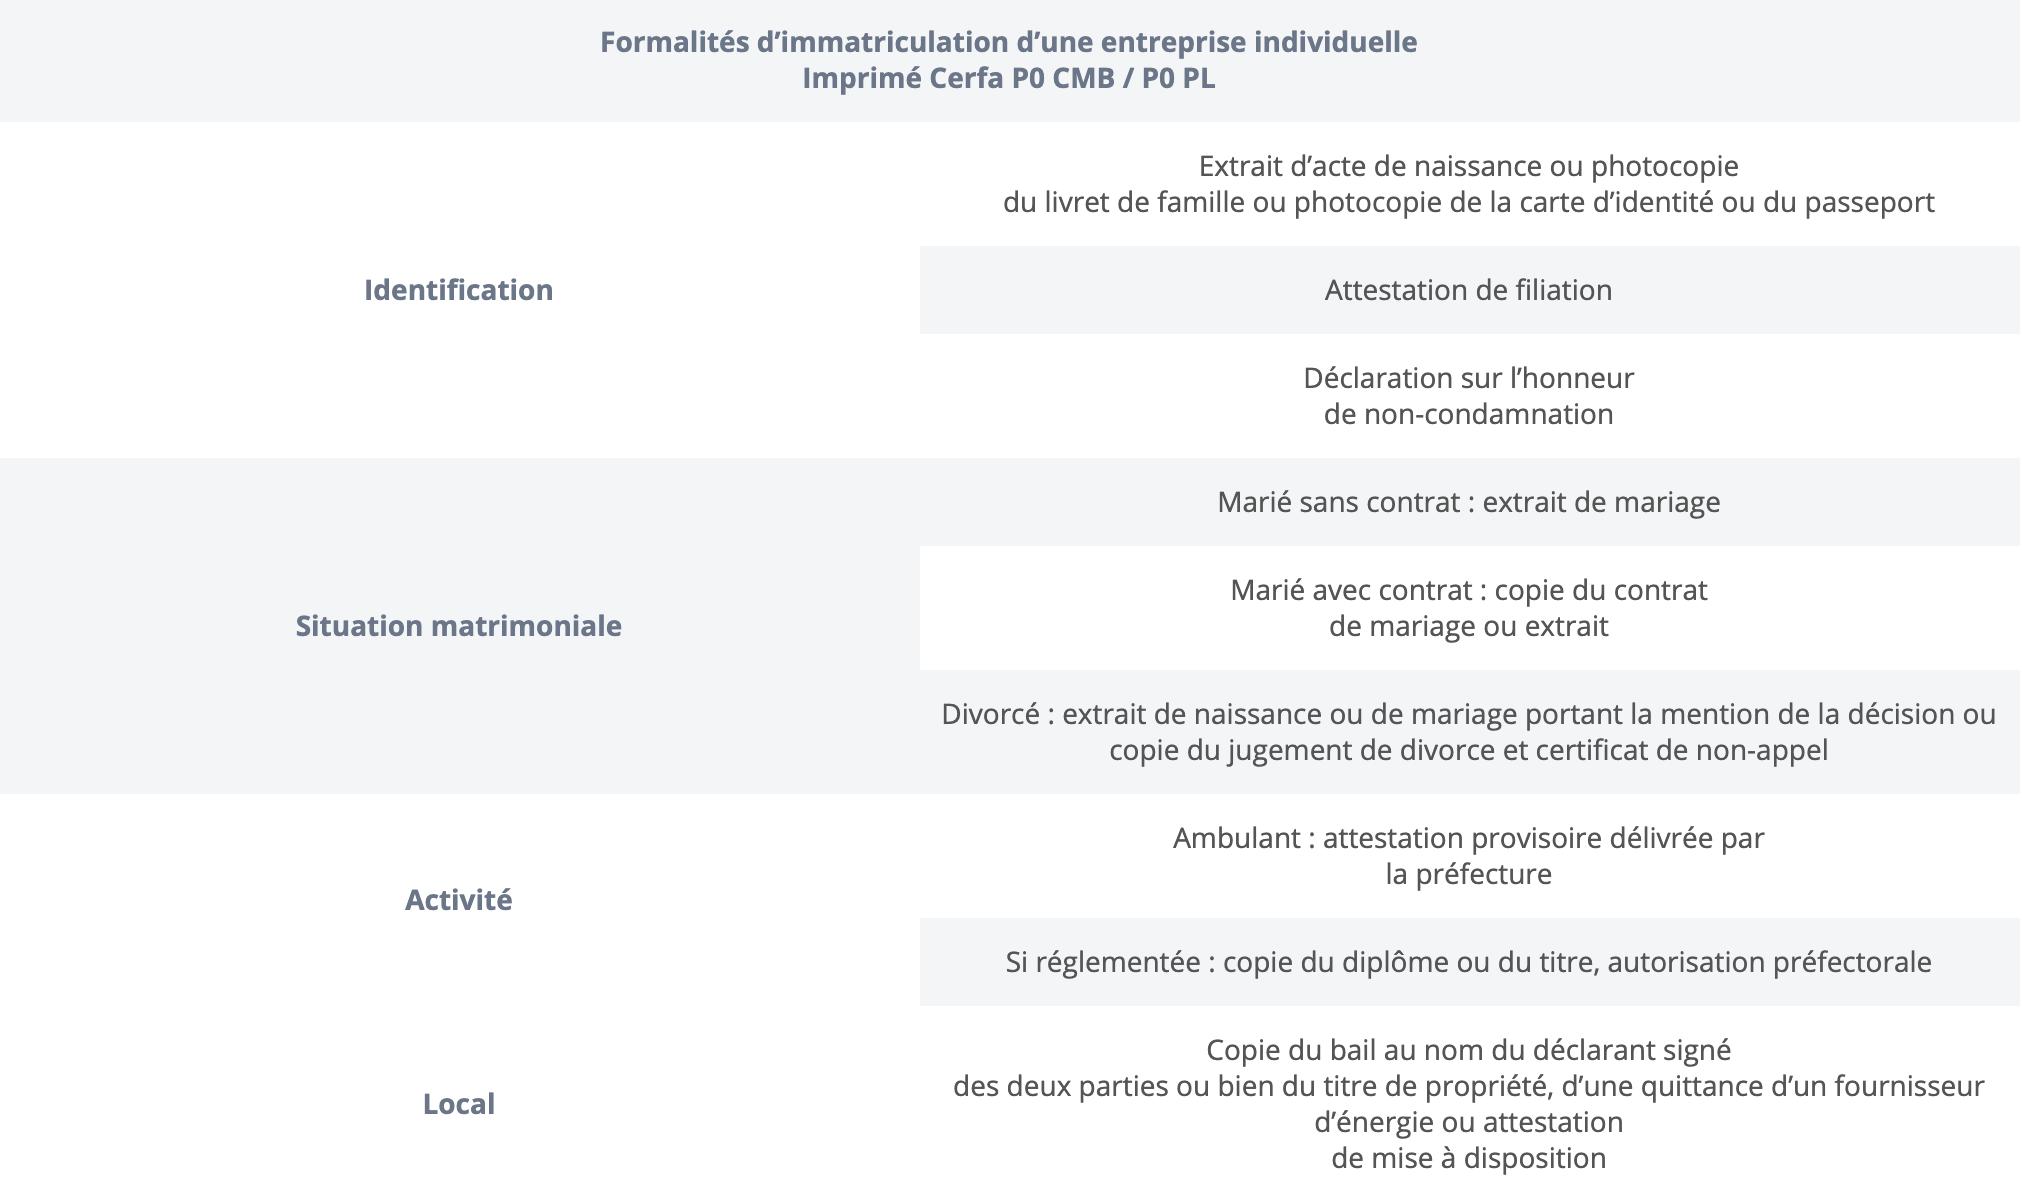 Formalités d'immatriculation d'une entreprise individuelle